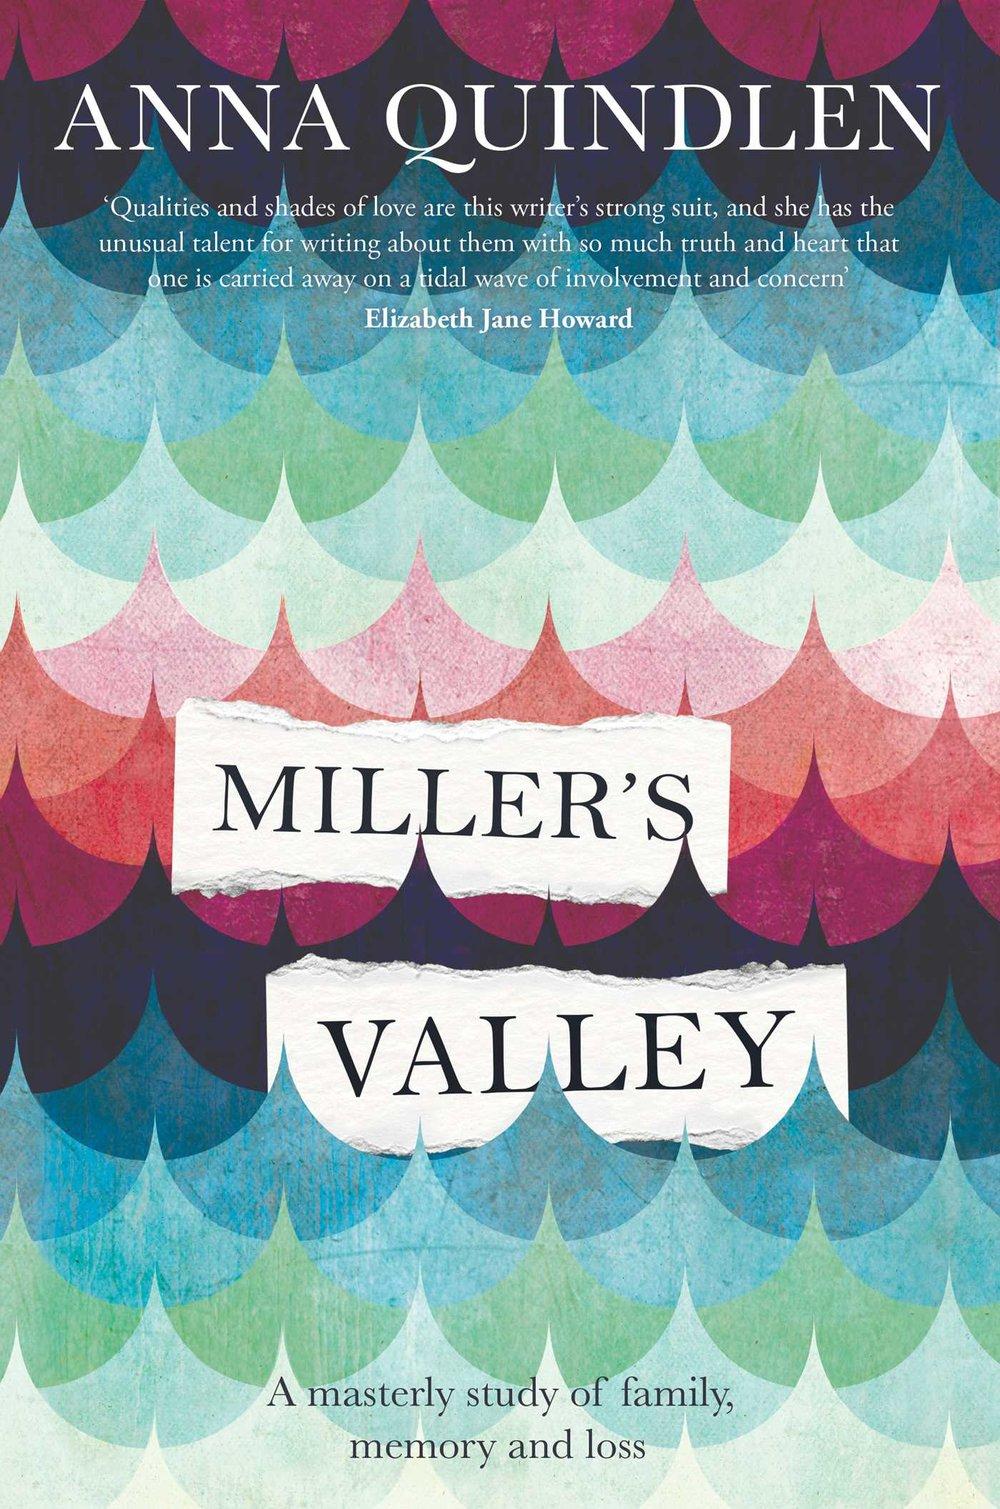 millers-valley-9781471158735_hr.jpg